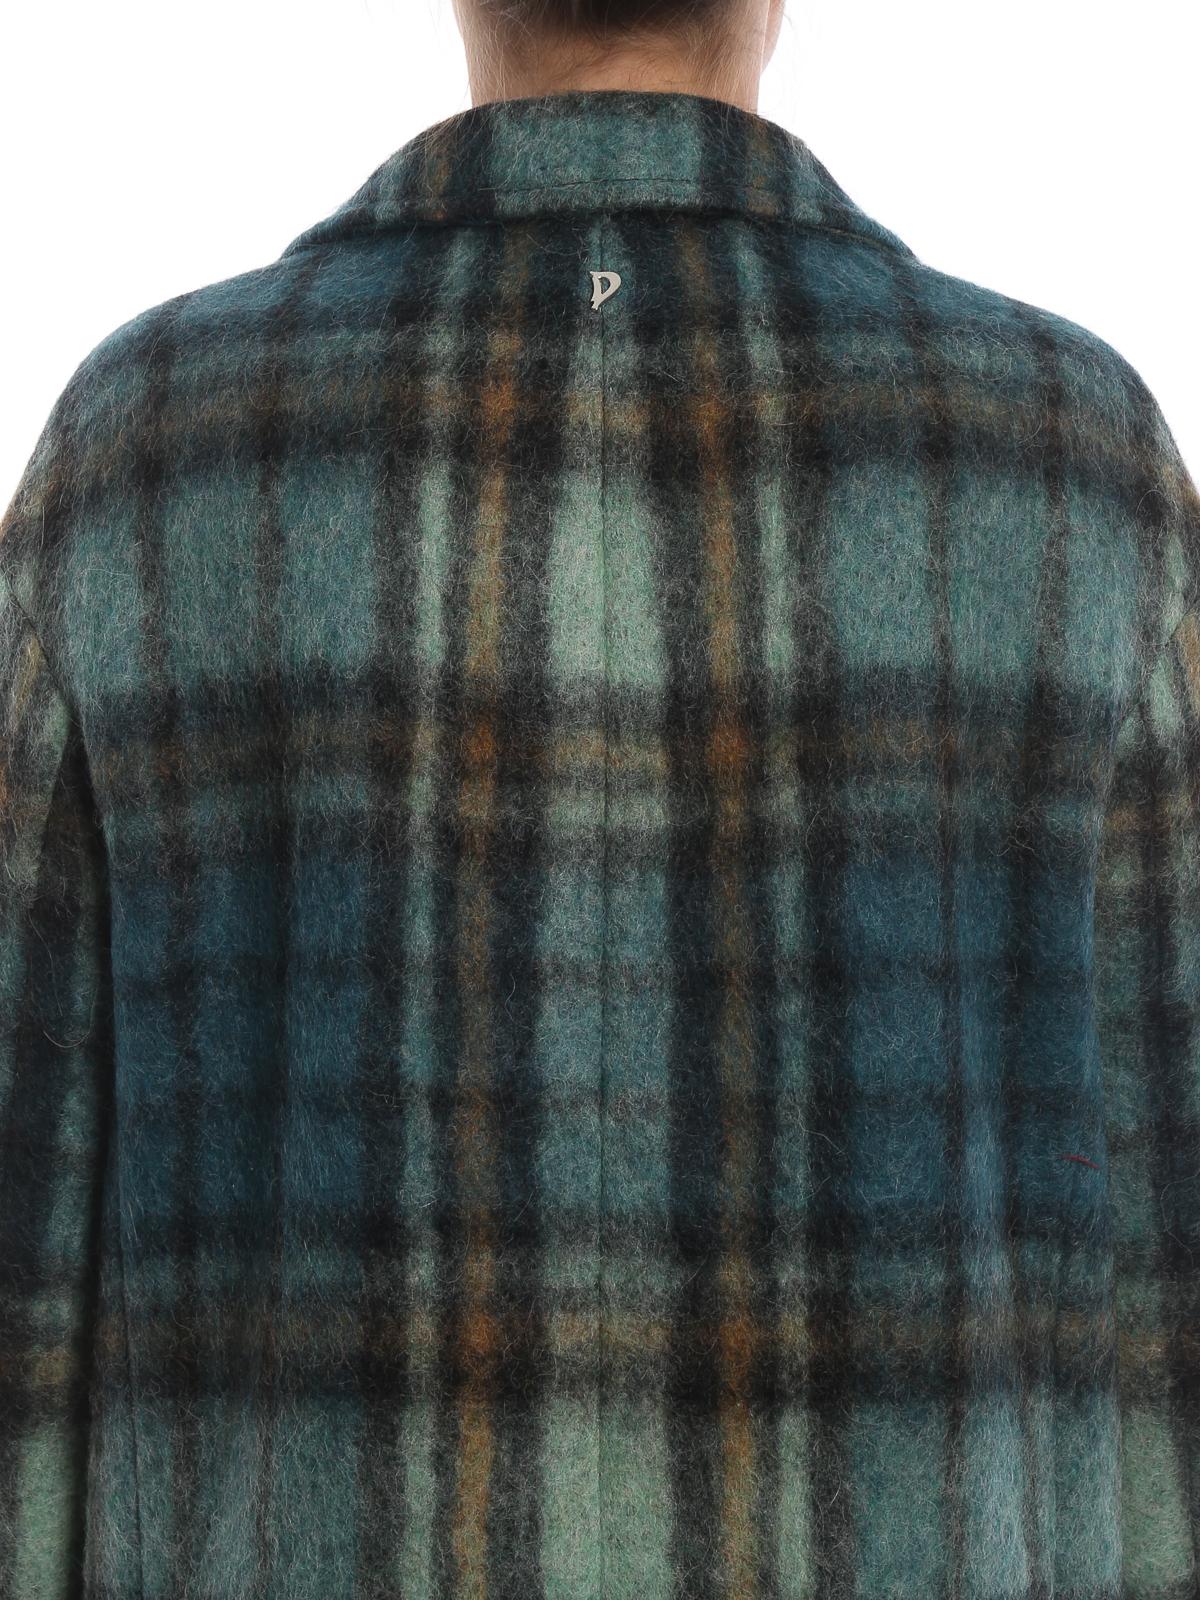 7f042df4f7ff Dondup - Cappotto in morbido scozzese verde acqua - cappotti al ...